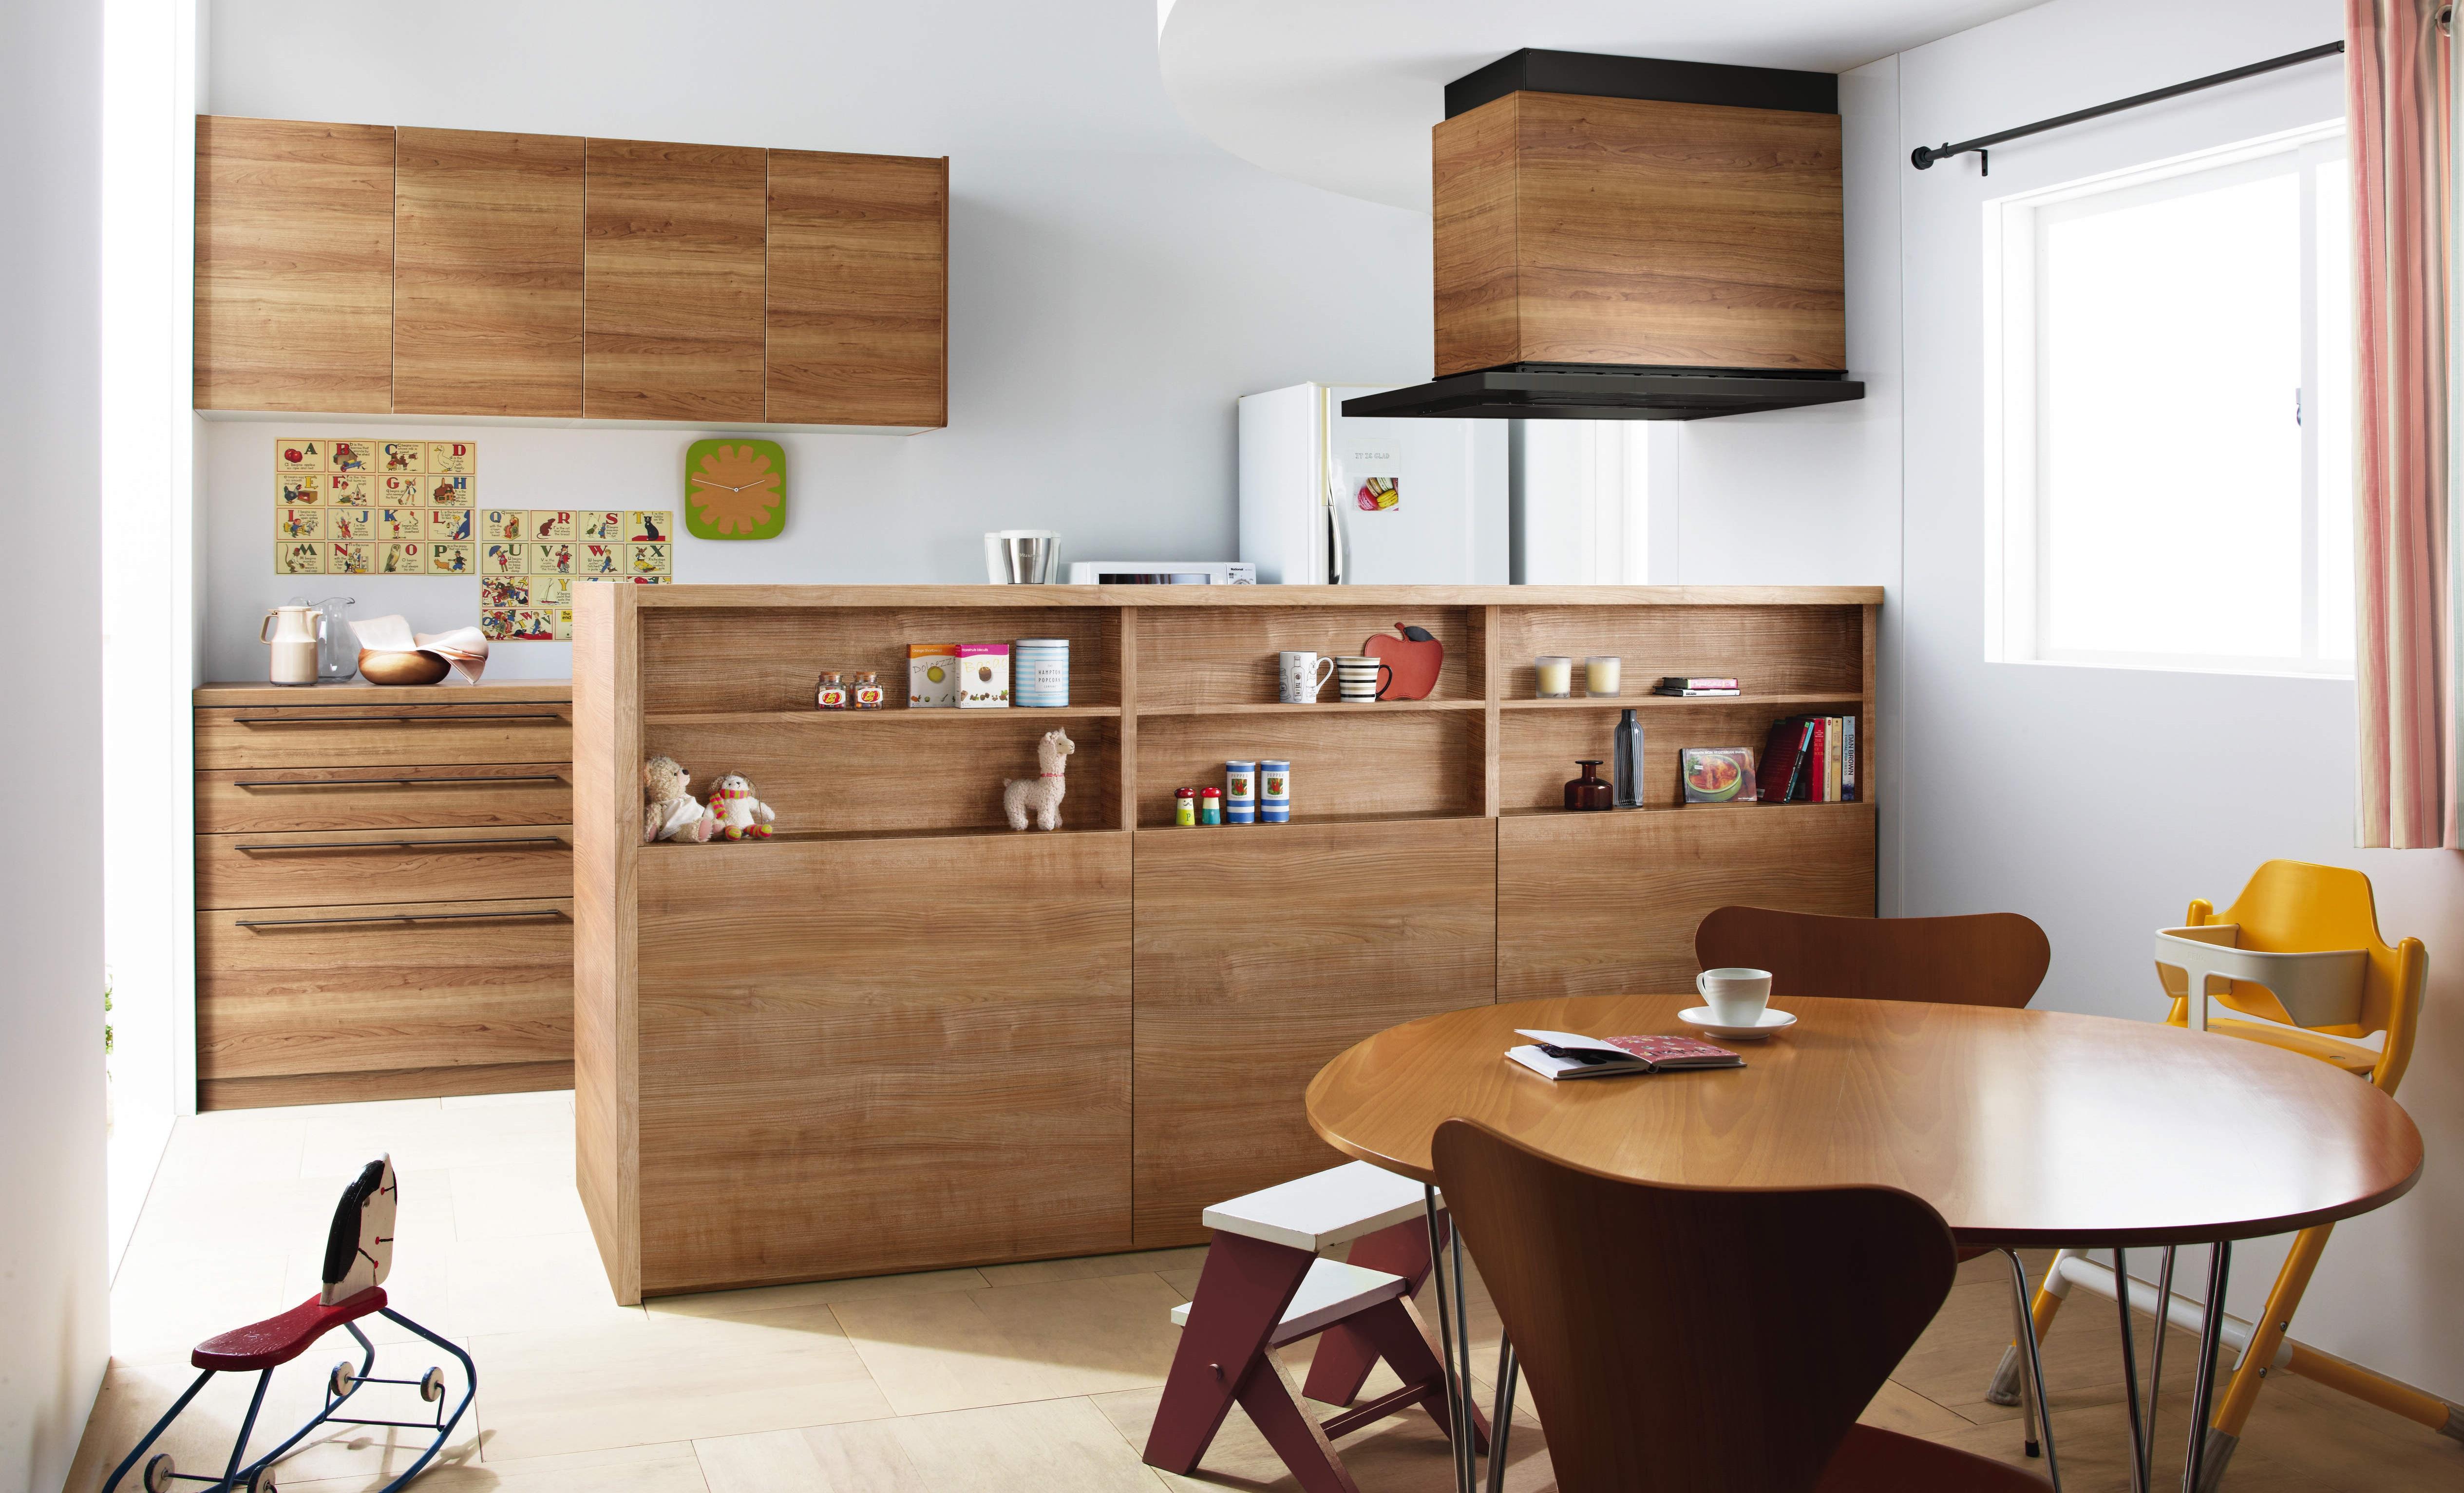 飾り棚のようなカウンターが魅力の木目コーディネートキッチン